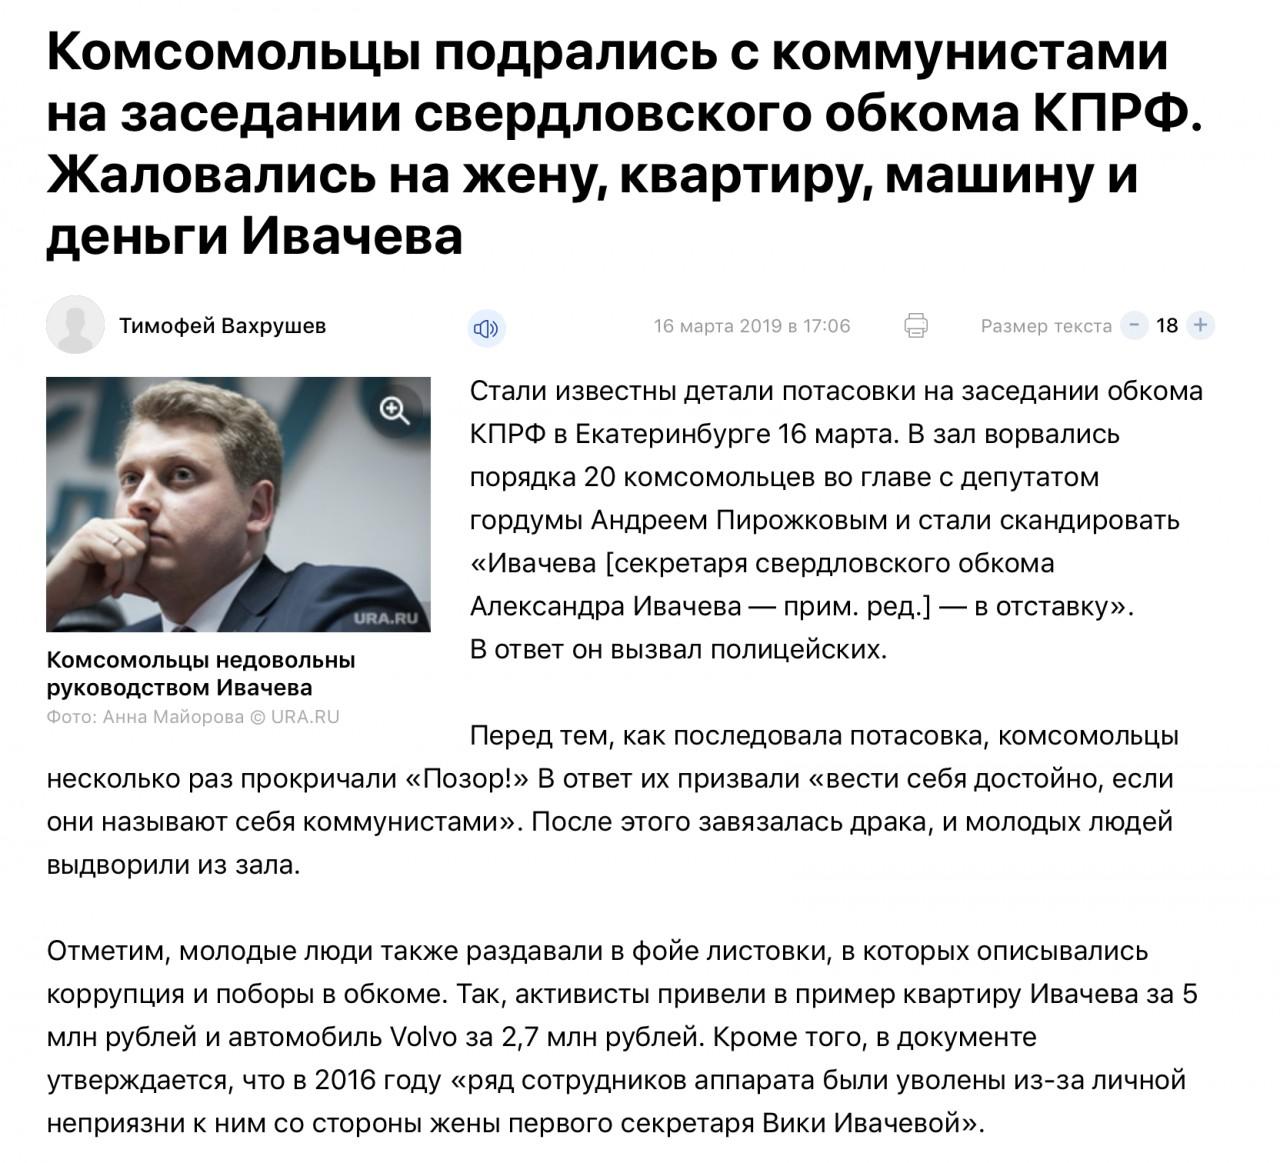 В Екатеринбурге комсомольцы …